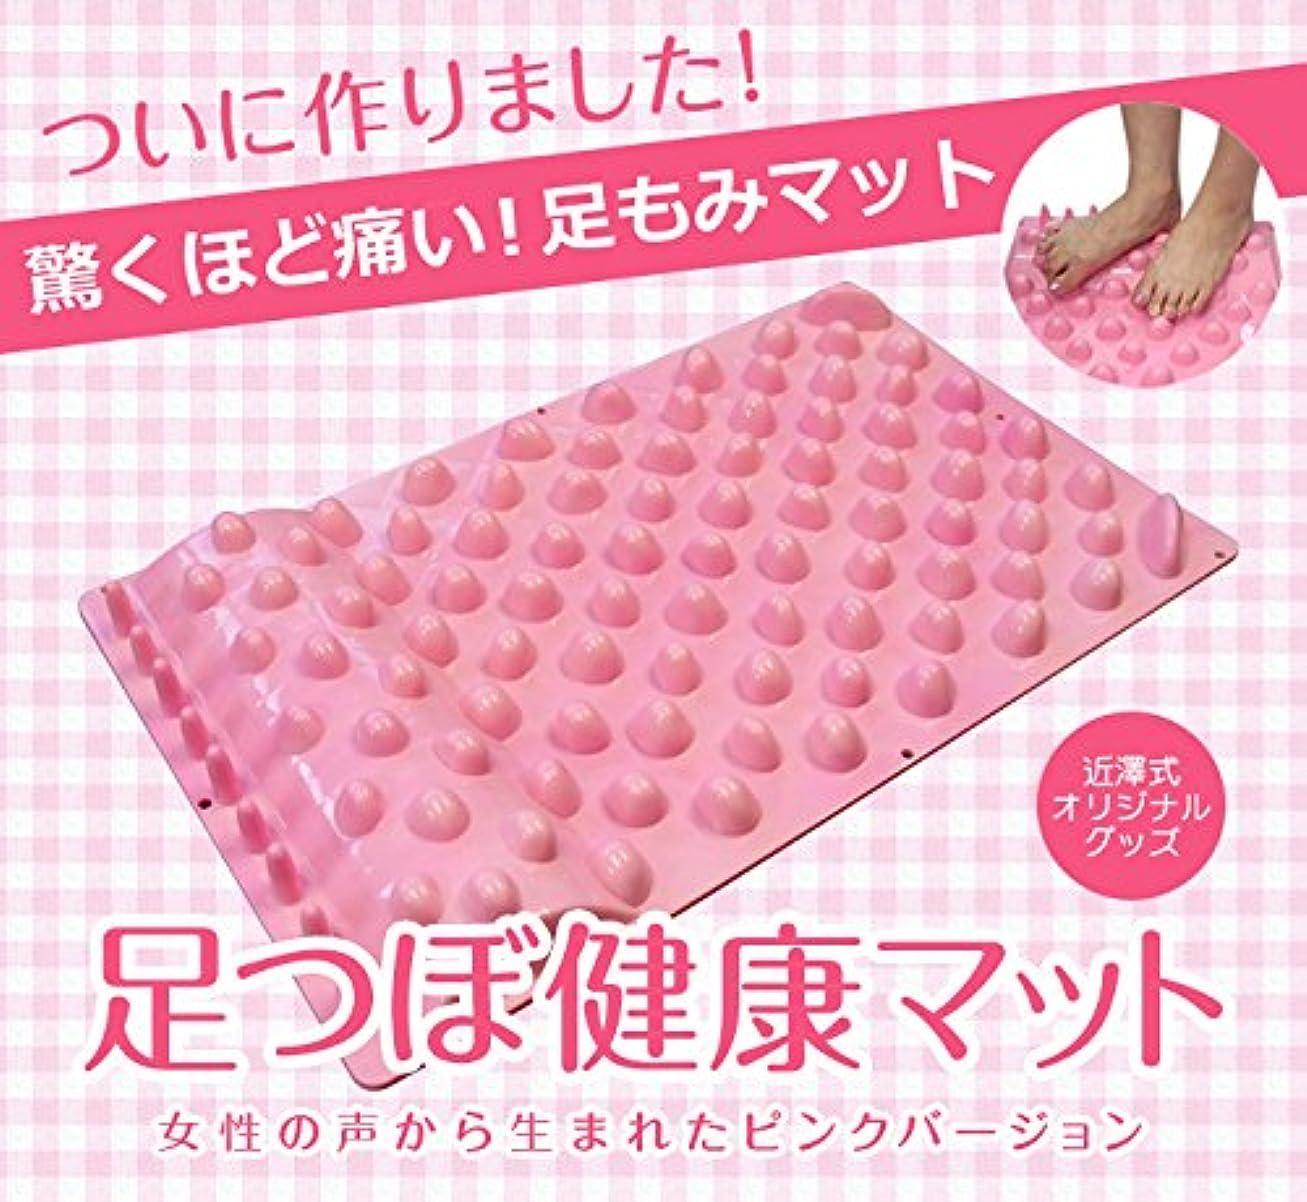 聖域採用する結晶【近澤式】足つぼマット ピンク